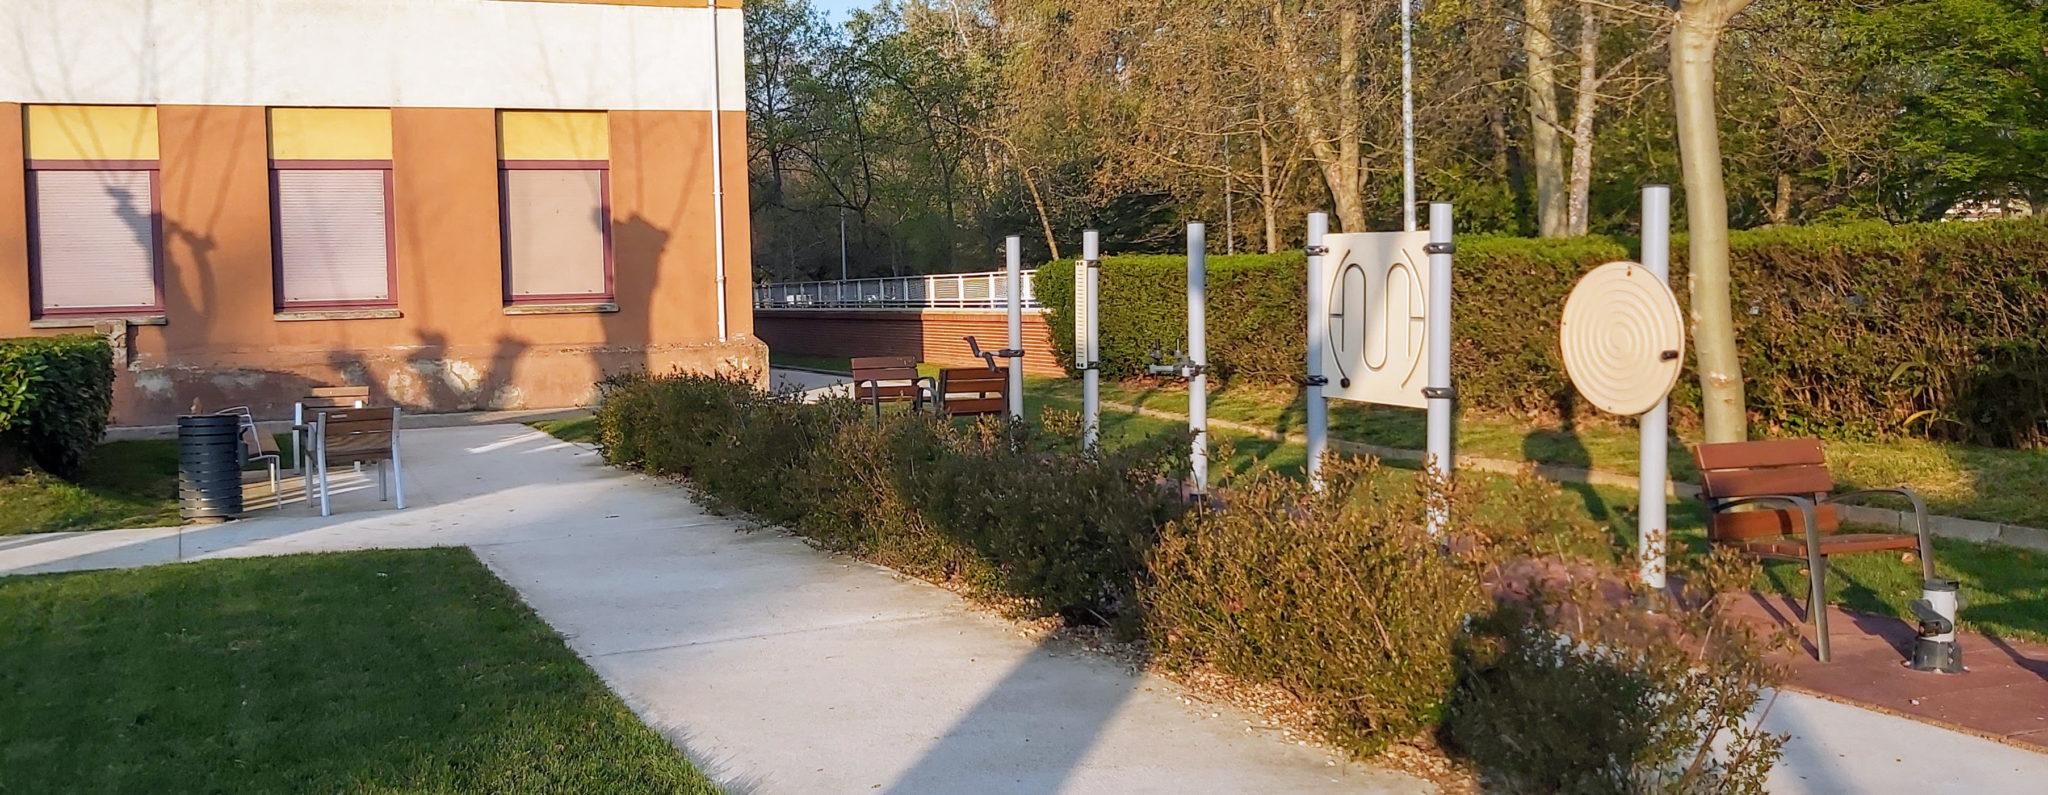 Columpios para personas mayores en los Jardines de la Casa de Misericordia